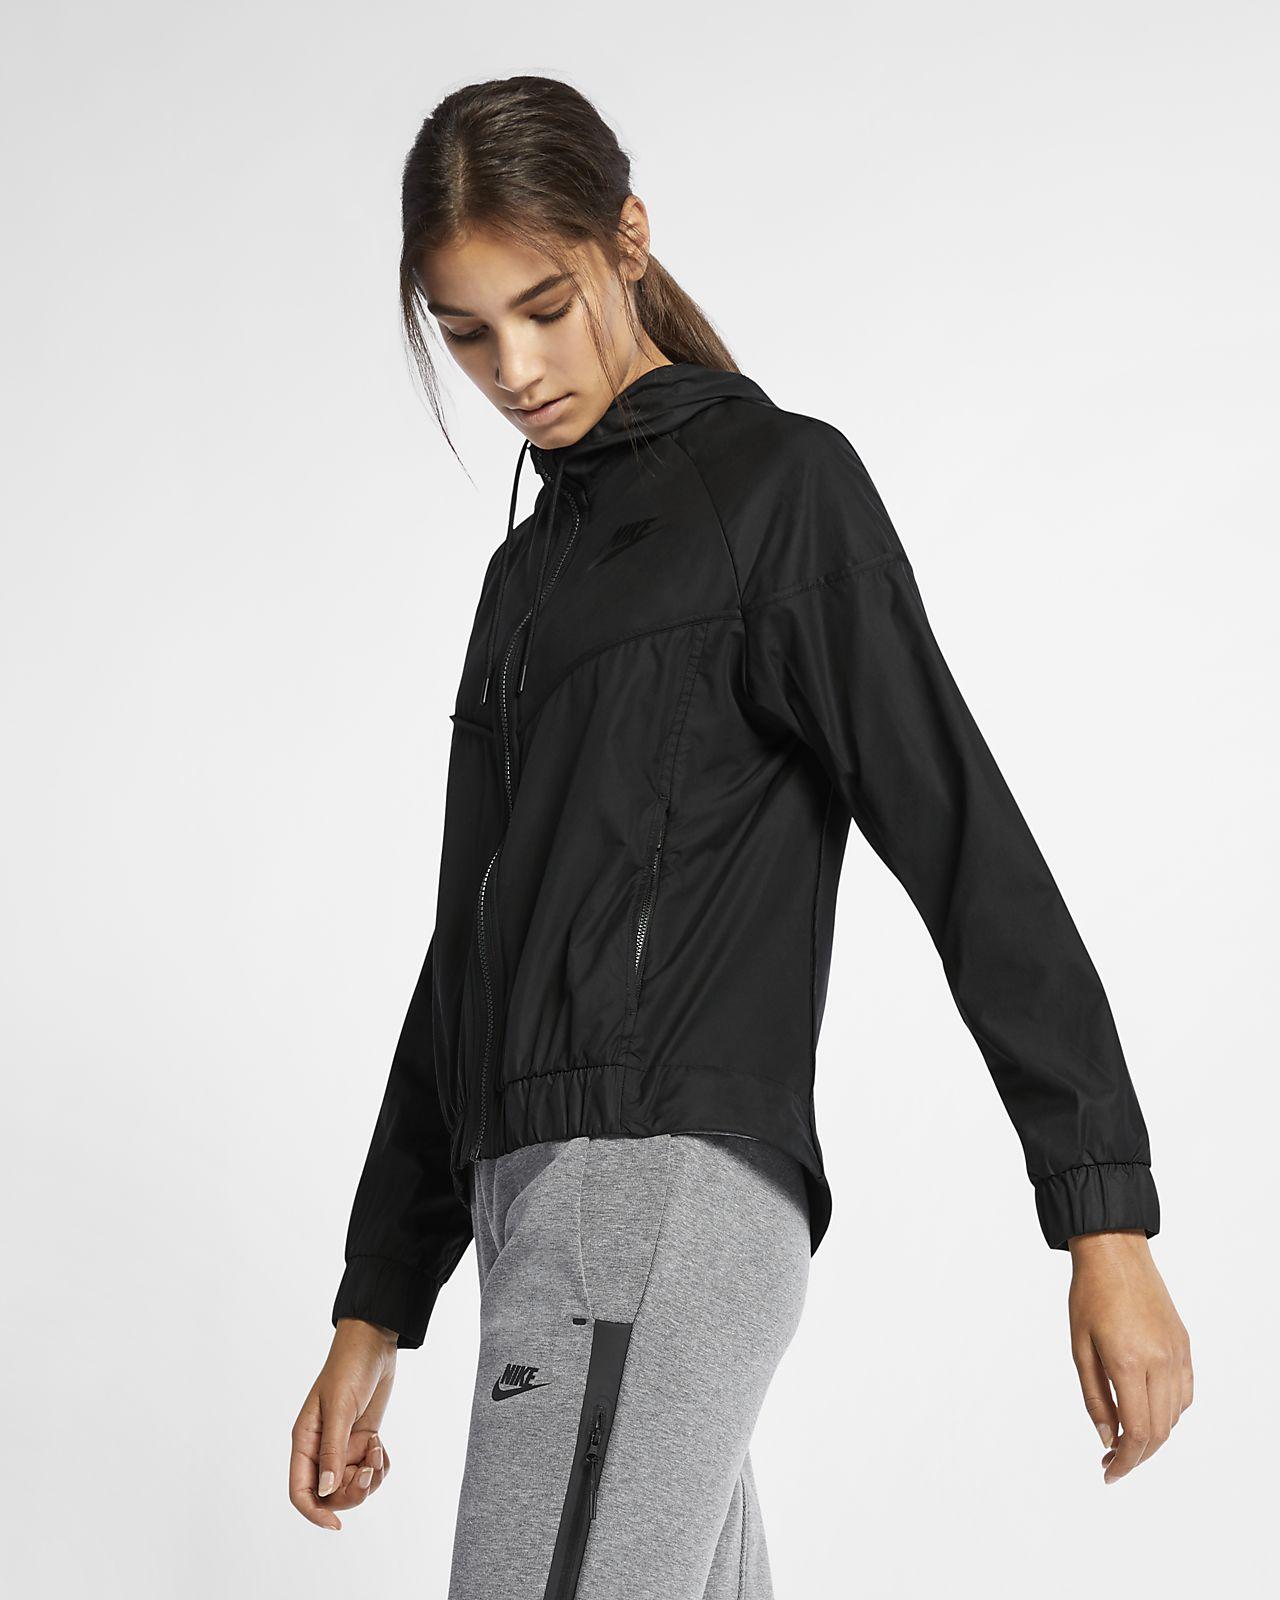 Low Resolution Nike Sportswear Windrunner Women's Jacket Nike Sportswear  Windrunner Women's Jacket